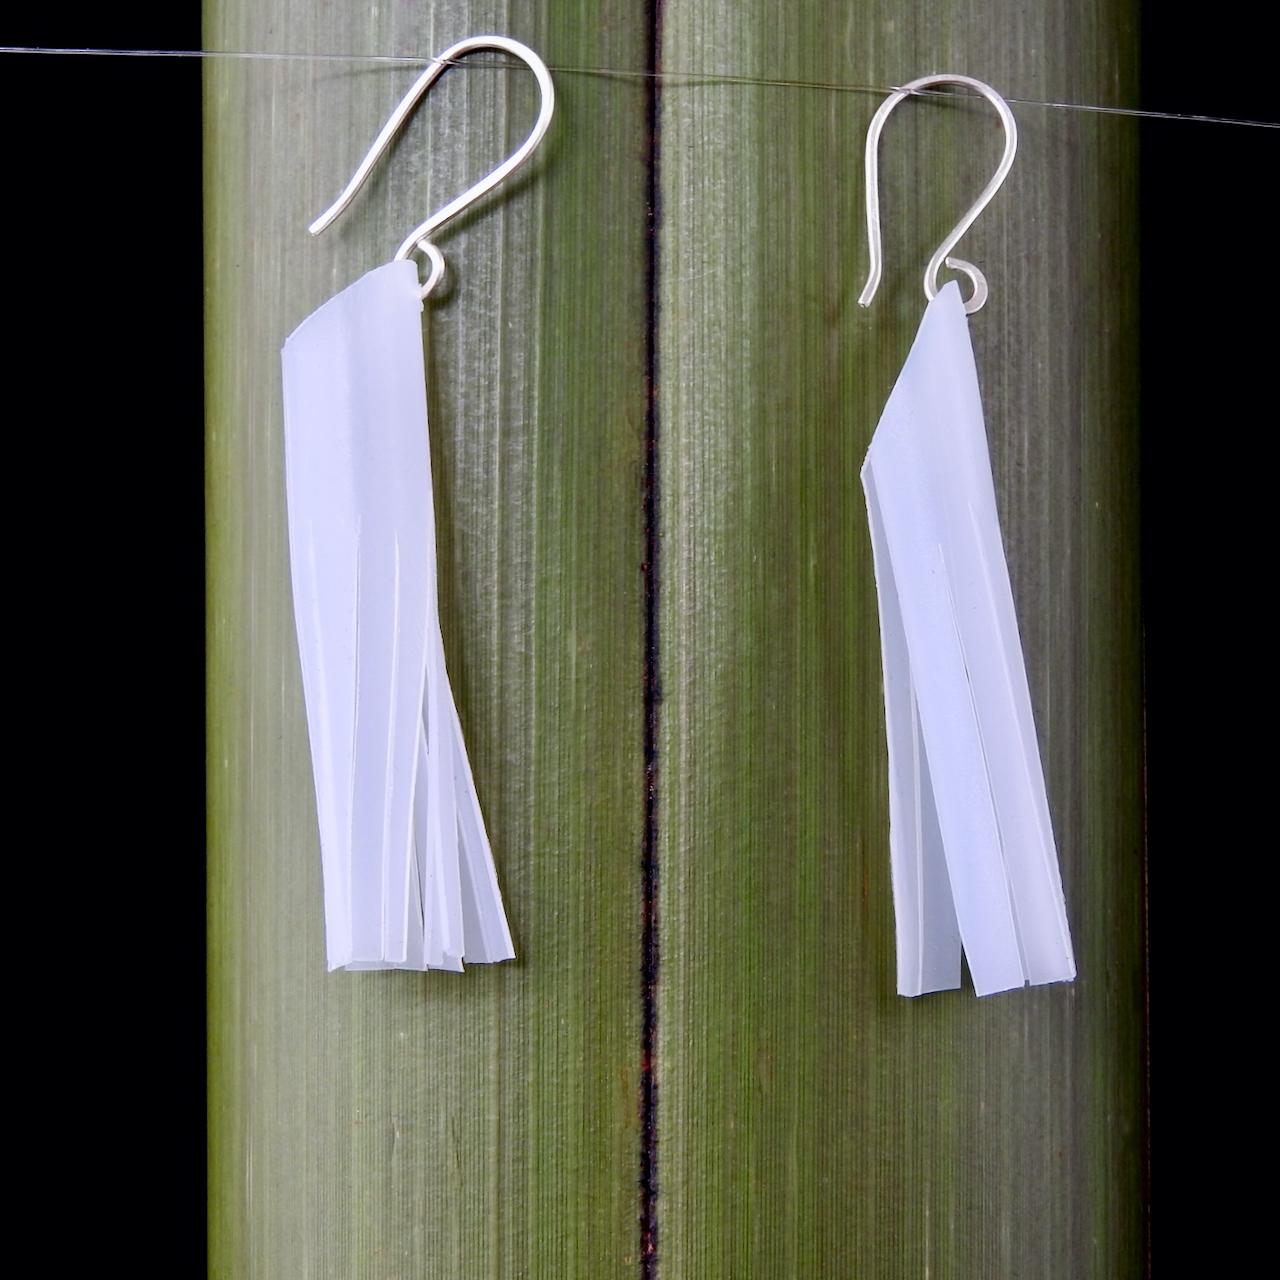 Tassel Earrings handmade from milk bottles_Hanging against flax